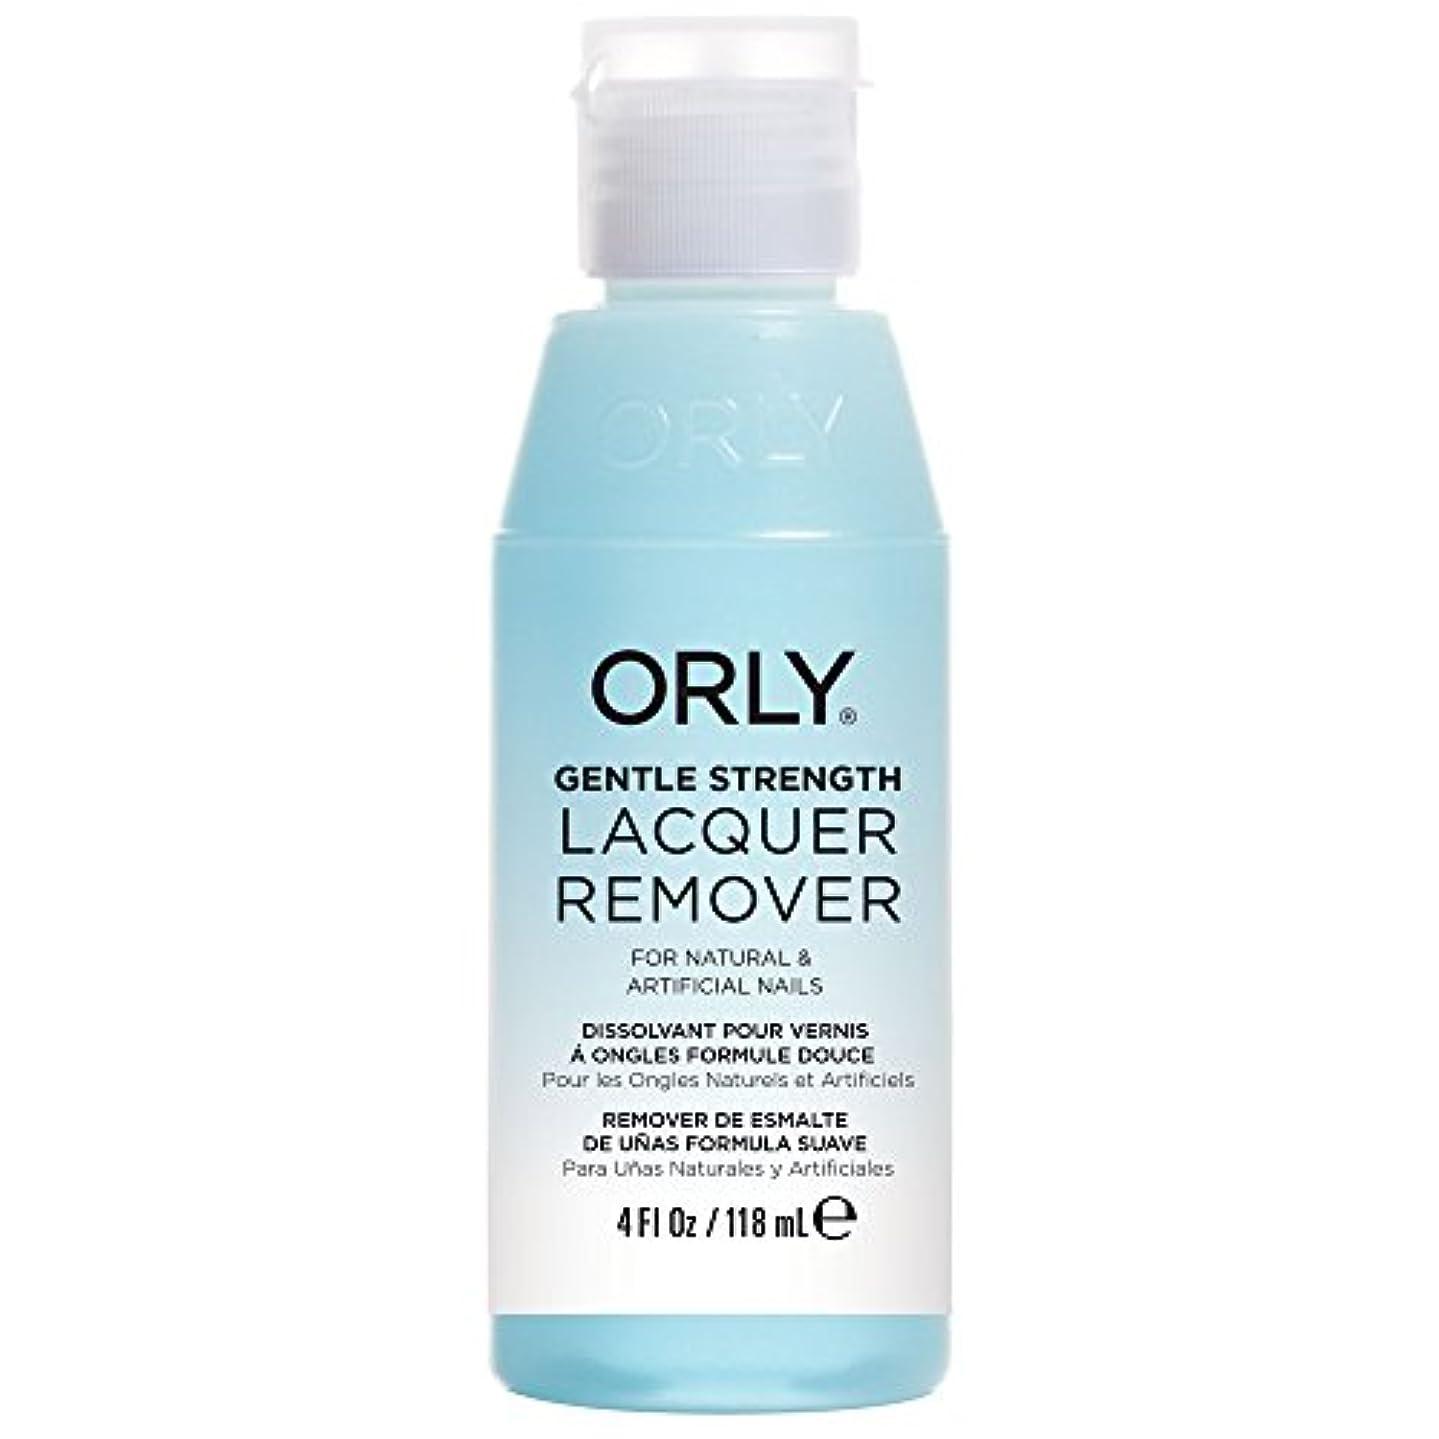 完璧乳剤記念日ORLY(オーリー) ネイルラッカーリムーバー ジェントル 118mL (ノンアセトン)